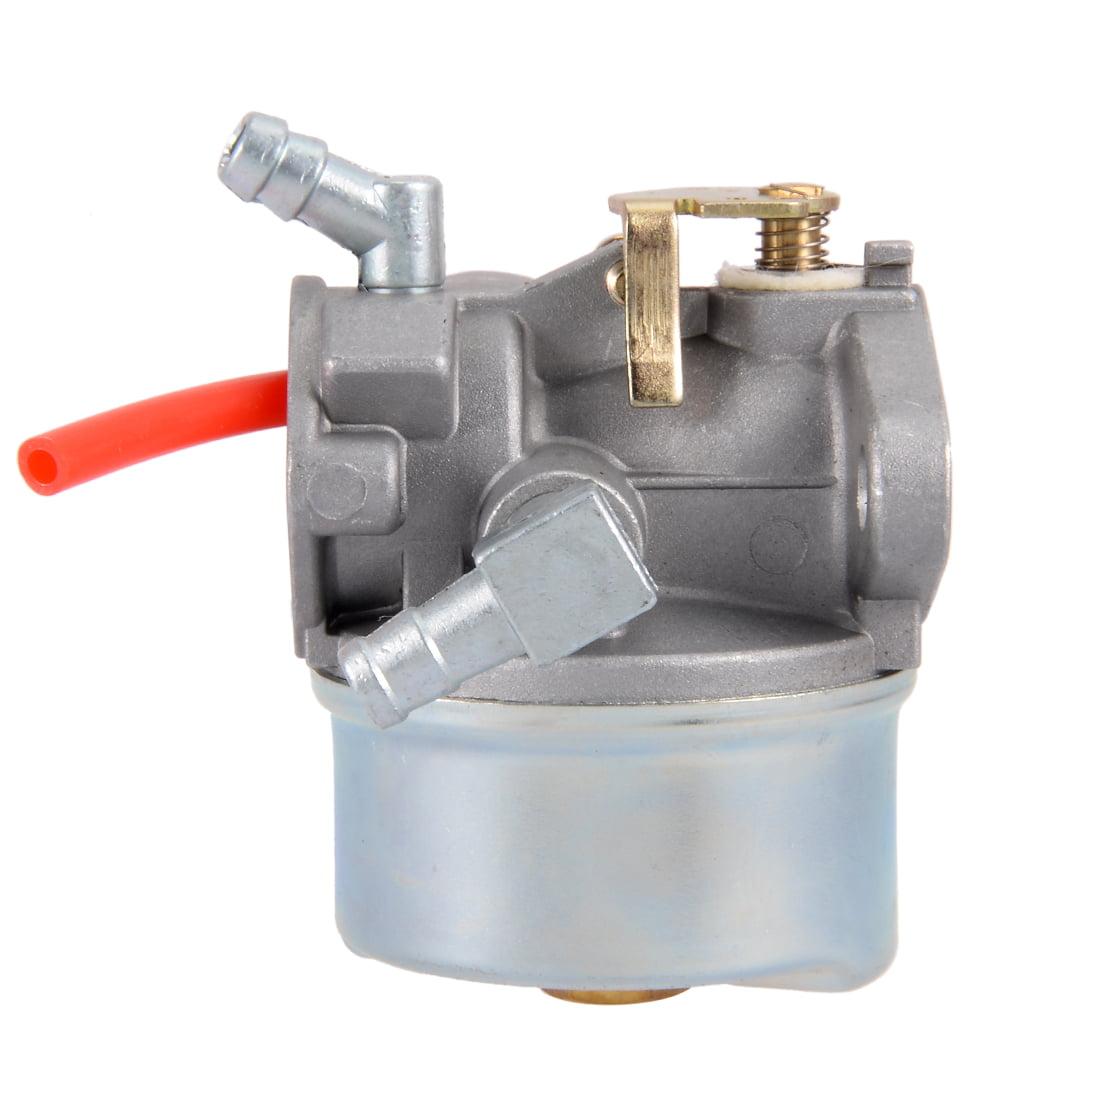 Unique Bargains New Carburetor w Gasket for Tecumseh CARB 640262 640173 640174 - image 5 de 6